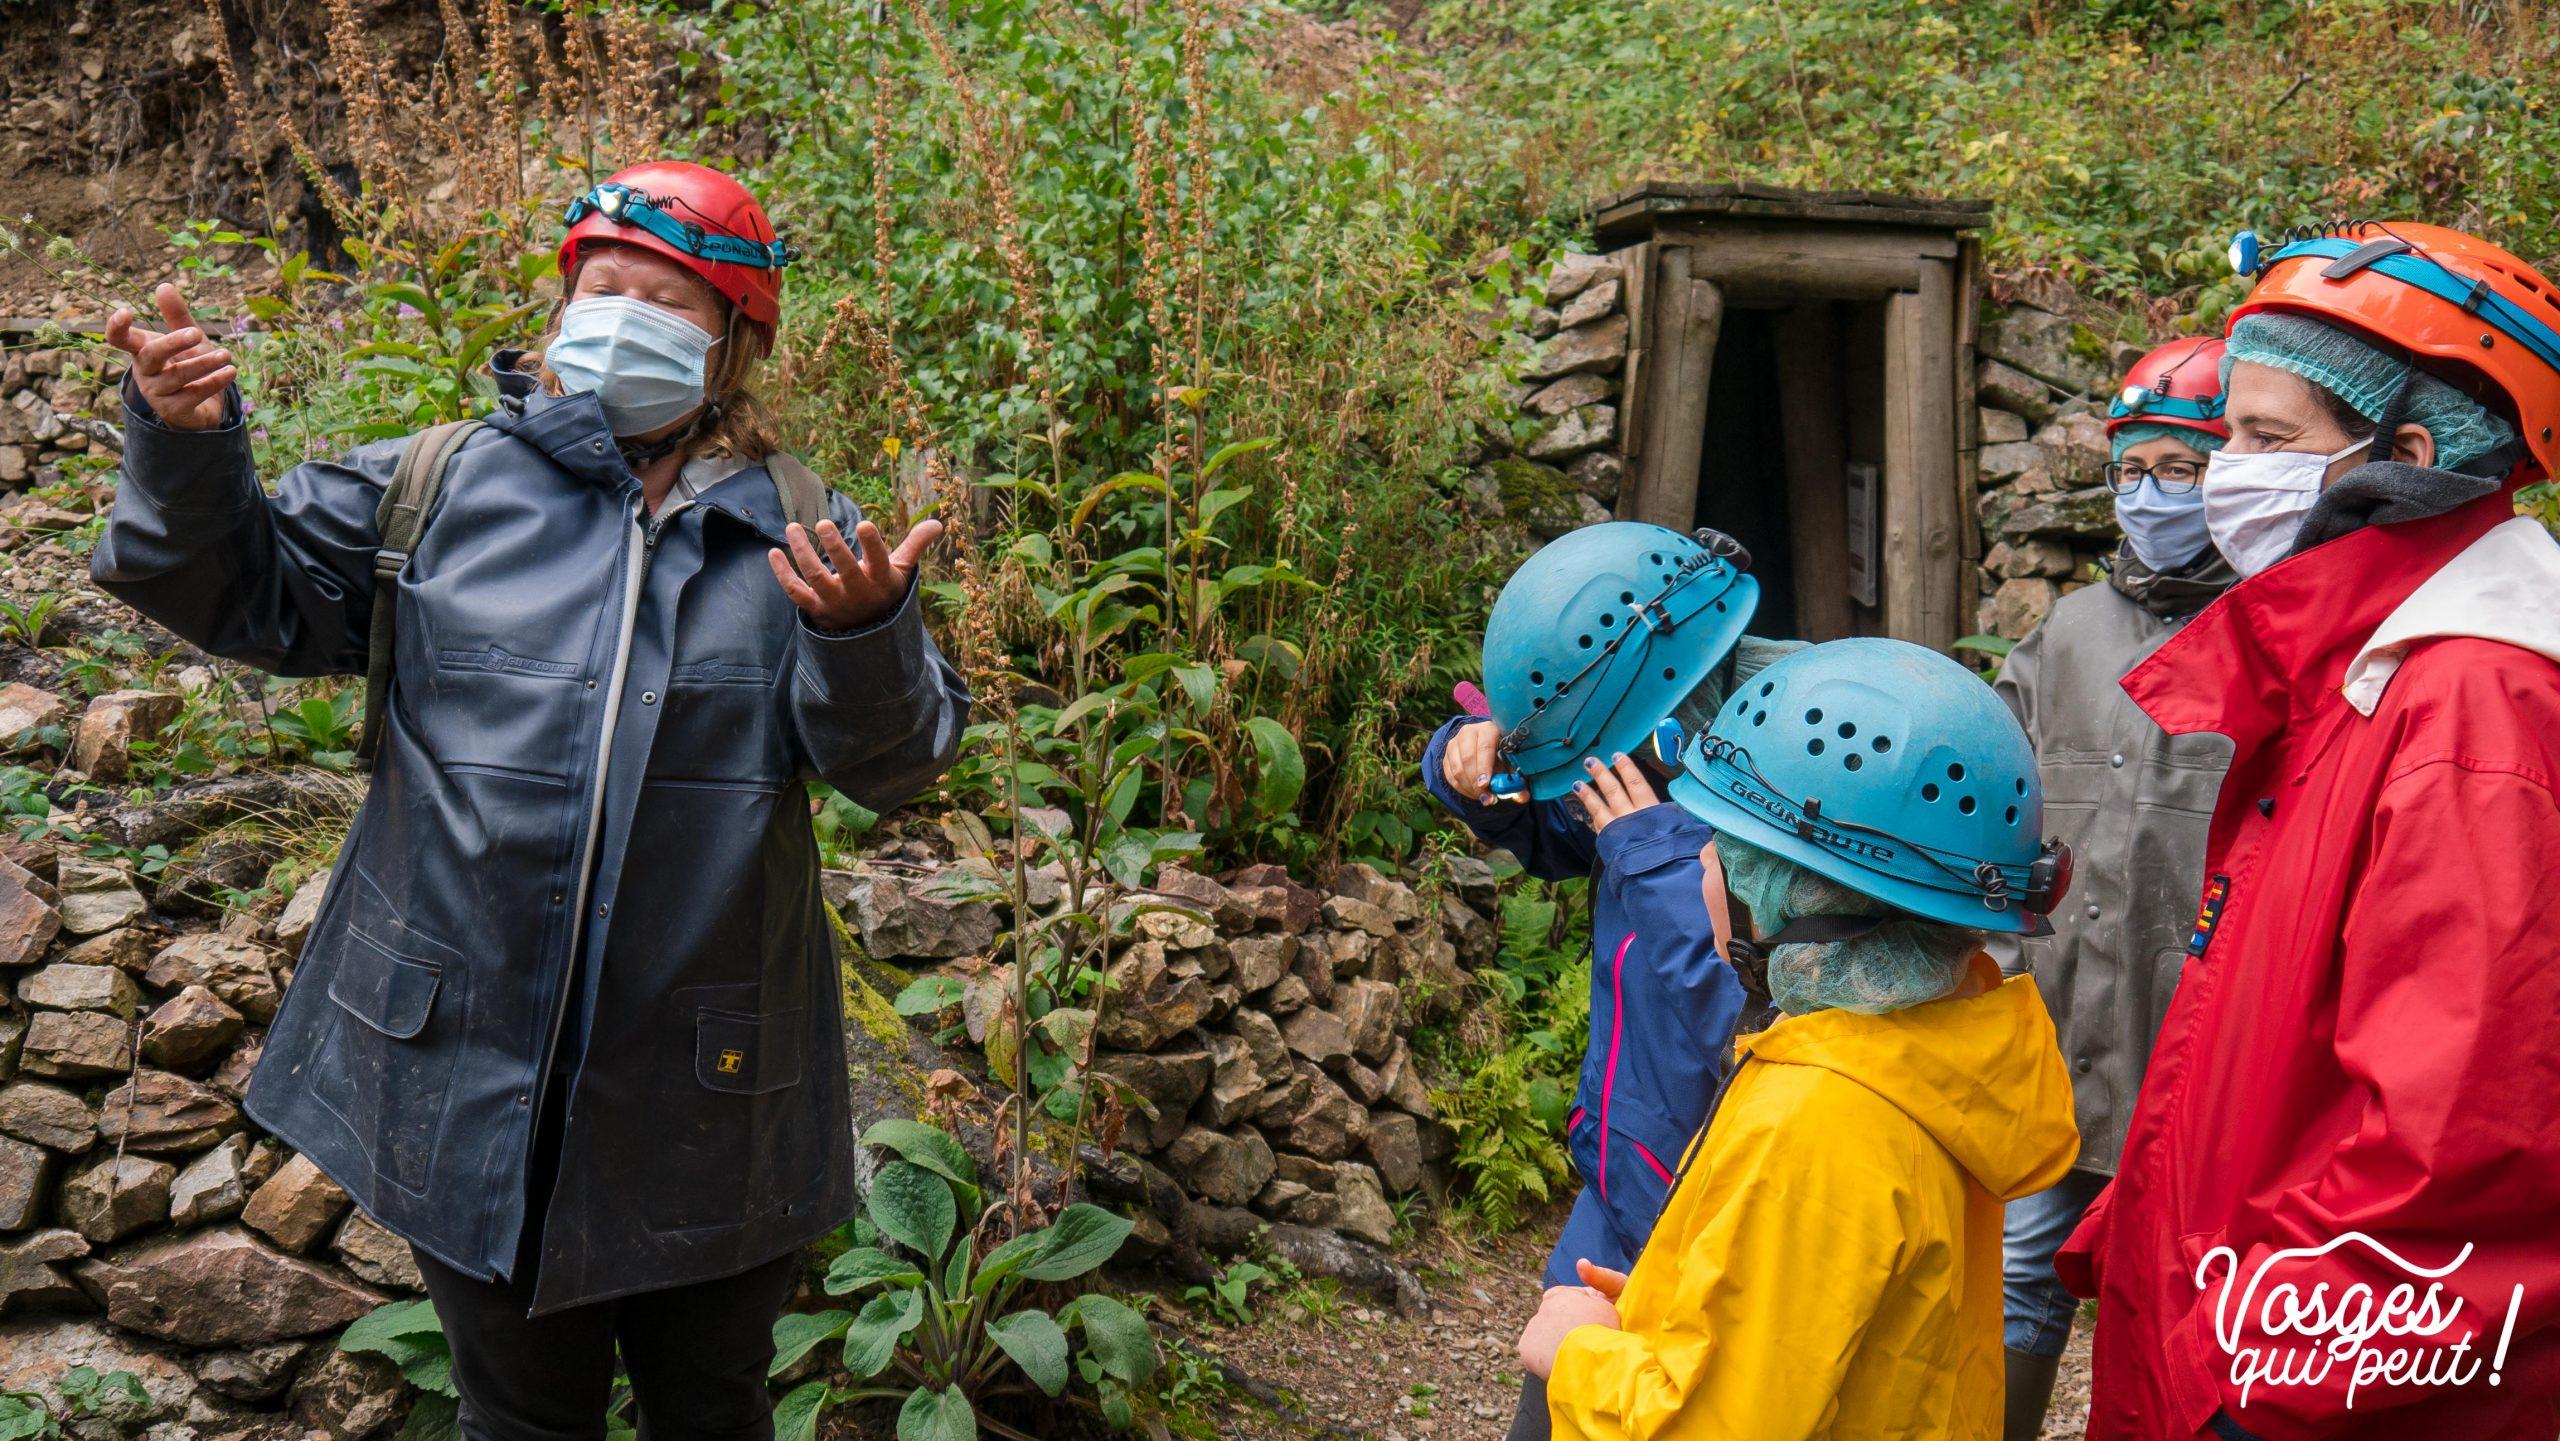 Guide de l'association ASEPAM donnant des explications avant la visite d'une mine dans le Massif des Vosges